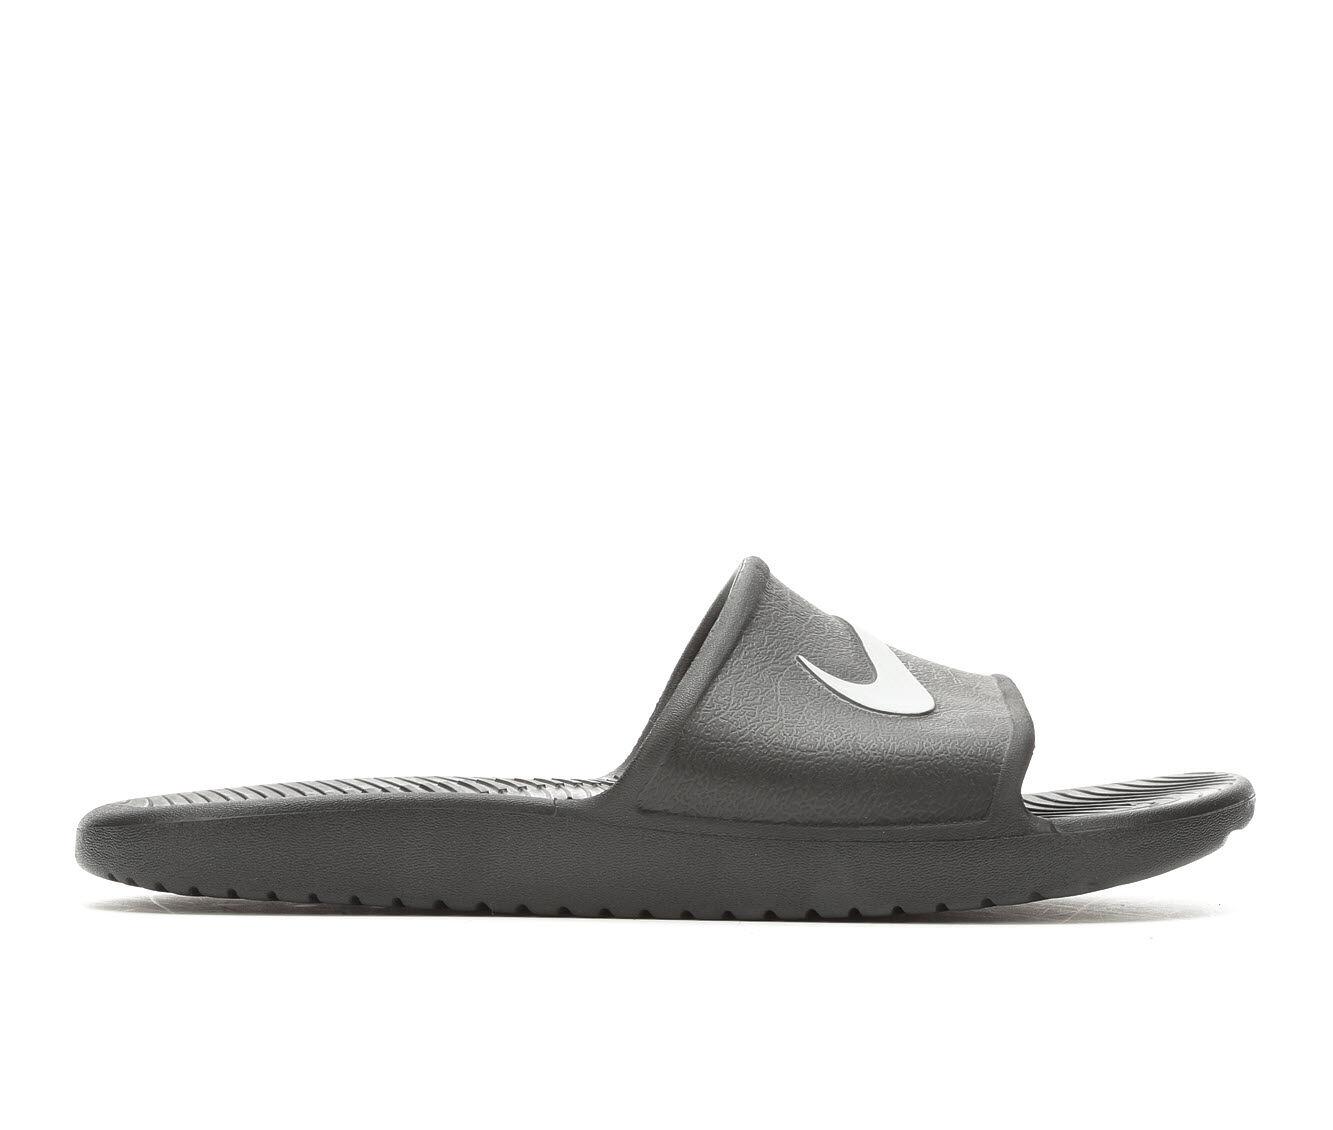 hot sale Men's Nike Kawa Shower Sport Slides Black/MetalSlvr